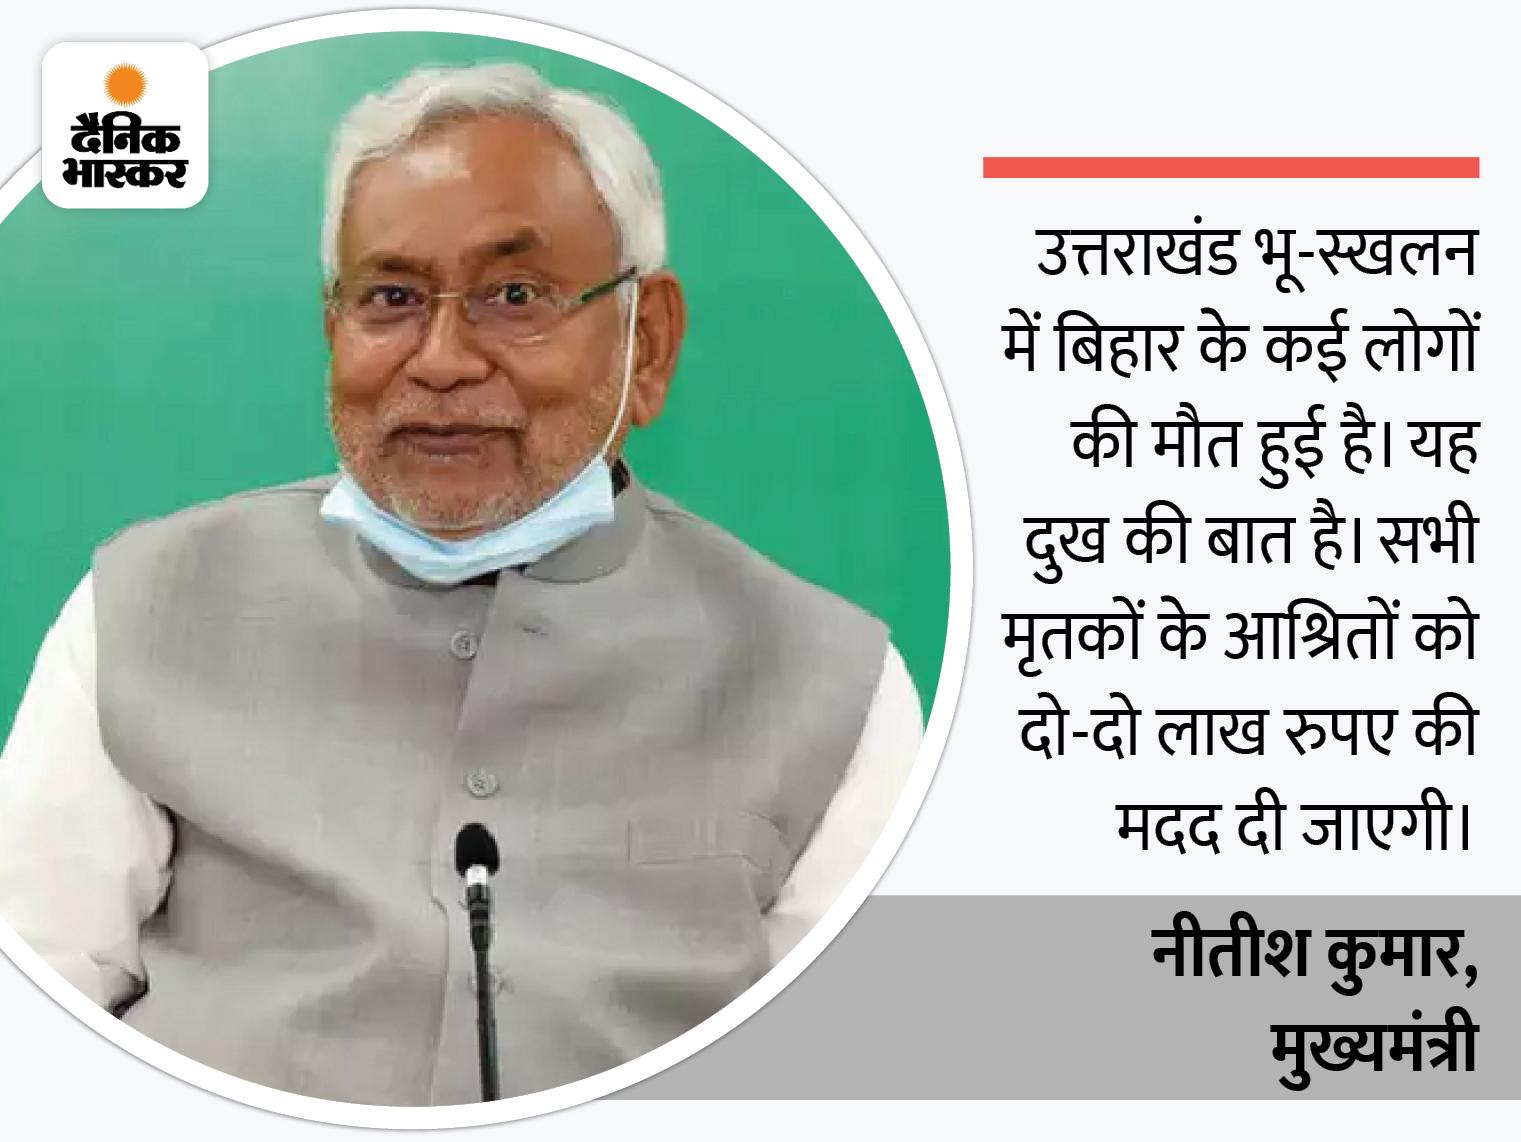 वैक्सीनेशन पर बोले- बिहार का परफॉर्मेंस बेहतर, यहां भी साढ़े 6 करोड़ टीके लगे|पटना,Patna - Dainik Bhaskar